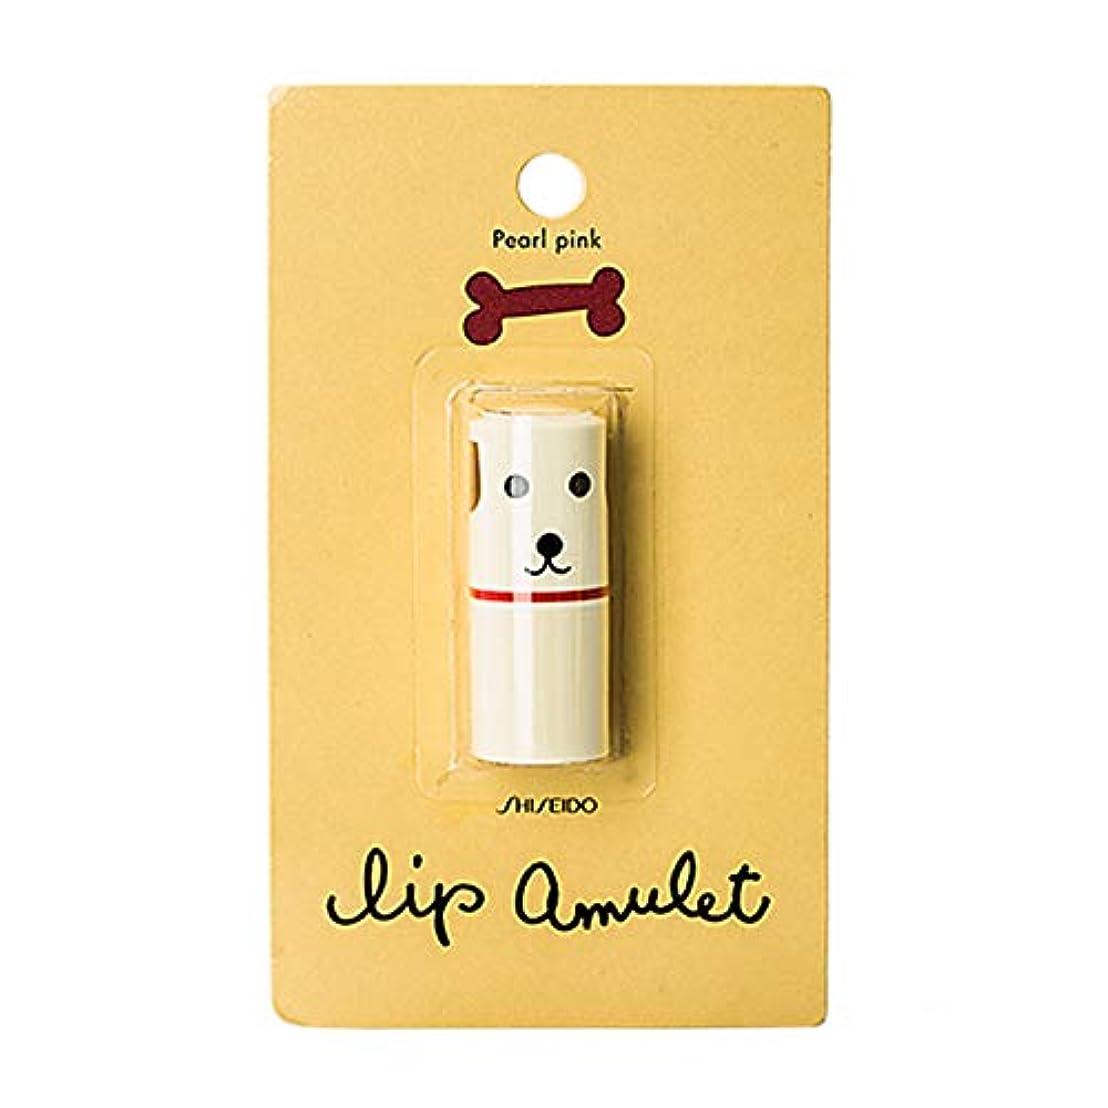 すすり泣き短くする差し引く【台湾限定】資生堂 Shiseido リップアミュレット Lip Amulet お土産 コスメ 色つきリップ 単品 珍珠粉紅 (パールピンク) [並行輸入品]